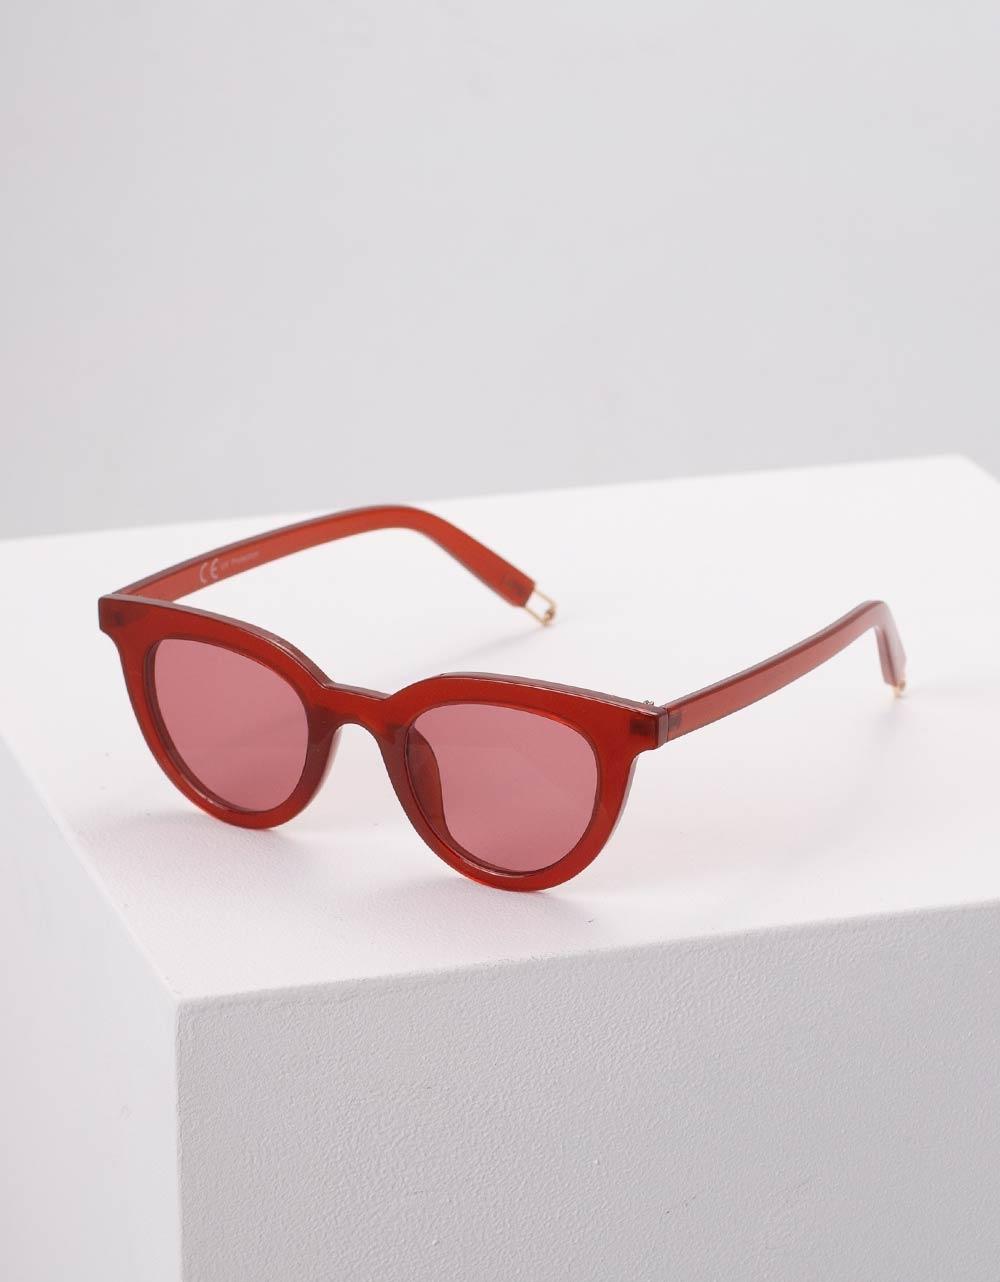 Εικόνα από Γυναικεία γυαλιά ηλίου μονόχρωμα Μπορντώ